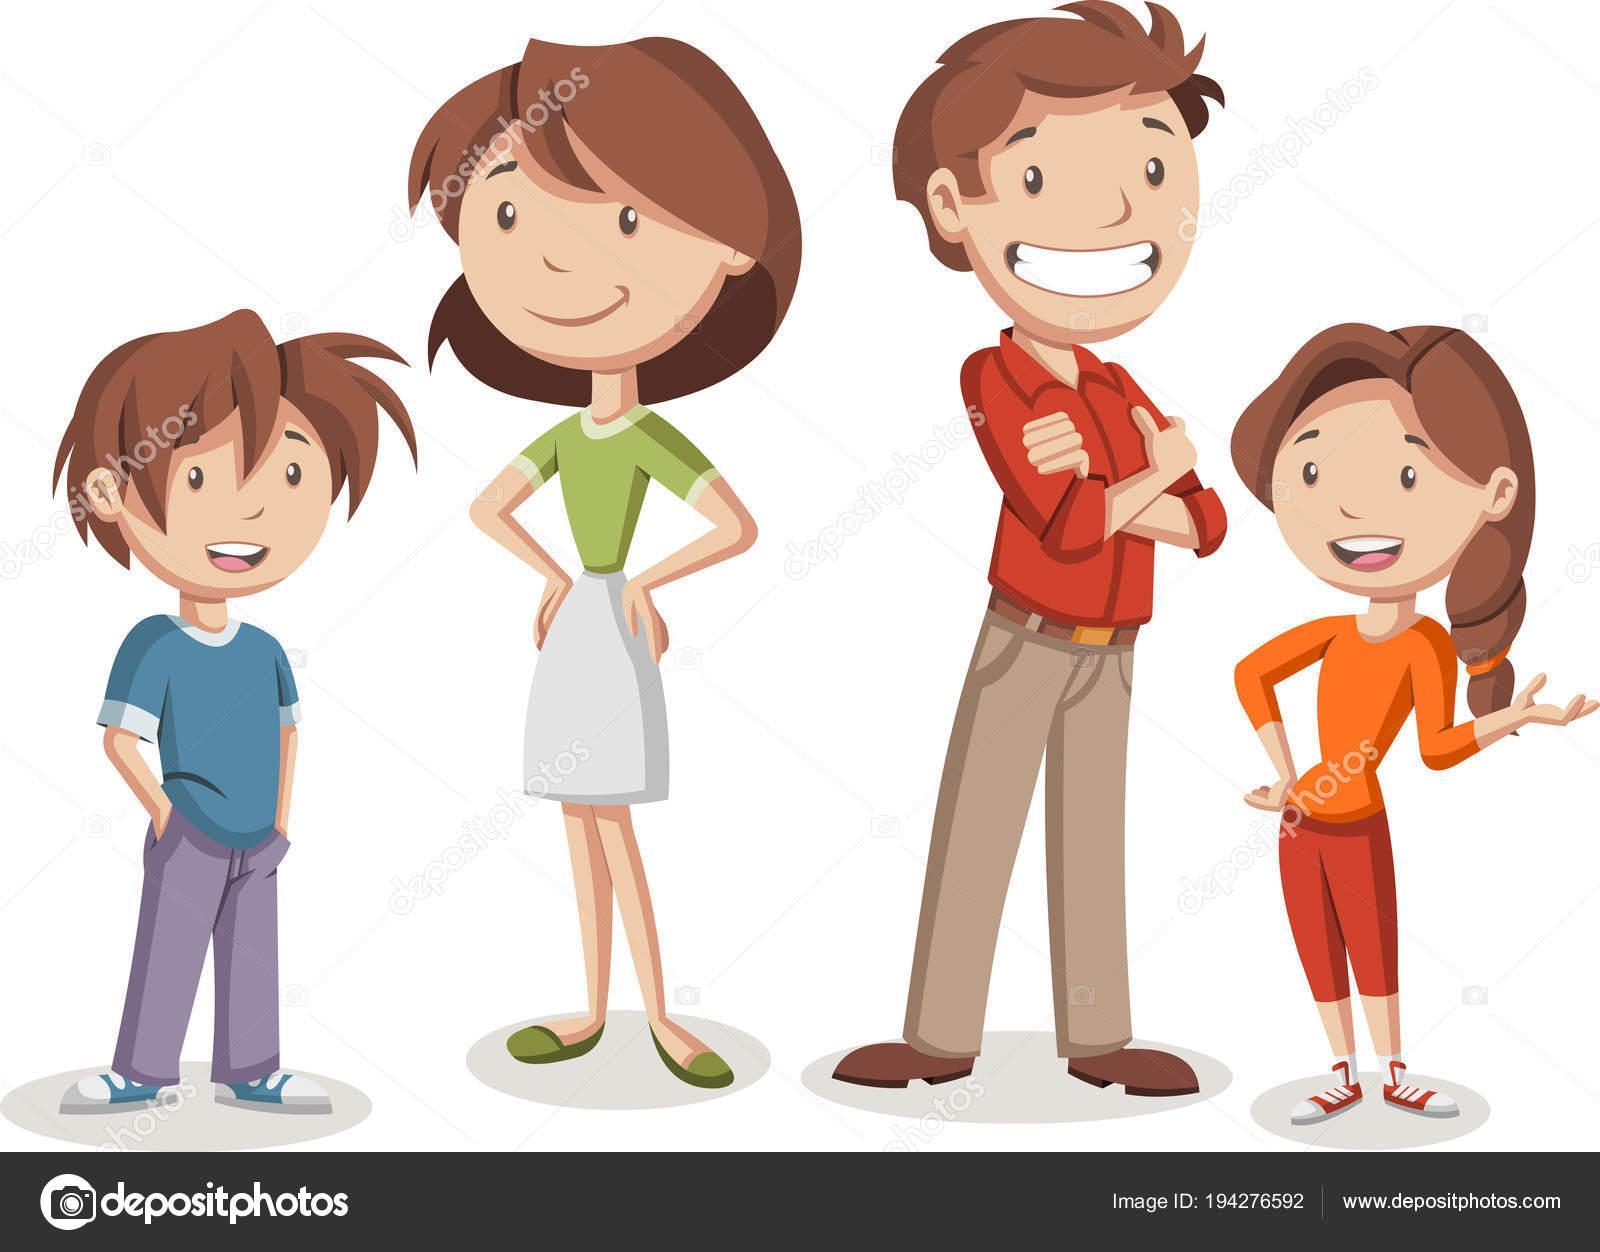 Image de couverture - Groupe parentalité de la charte avec les familles